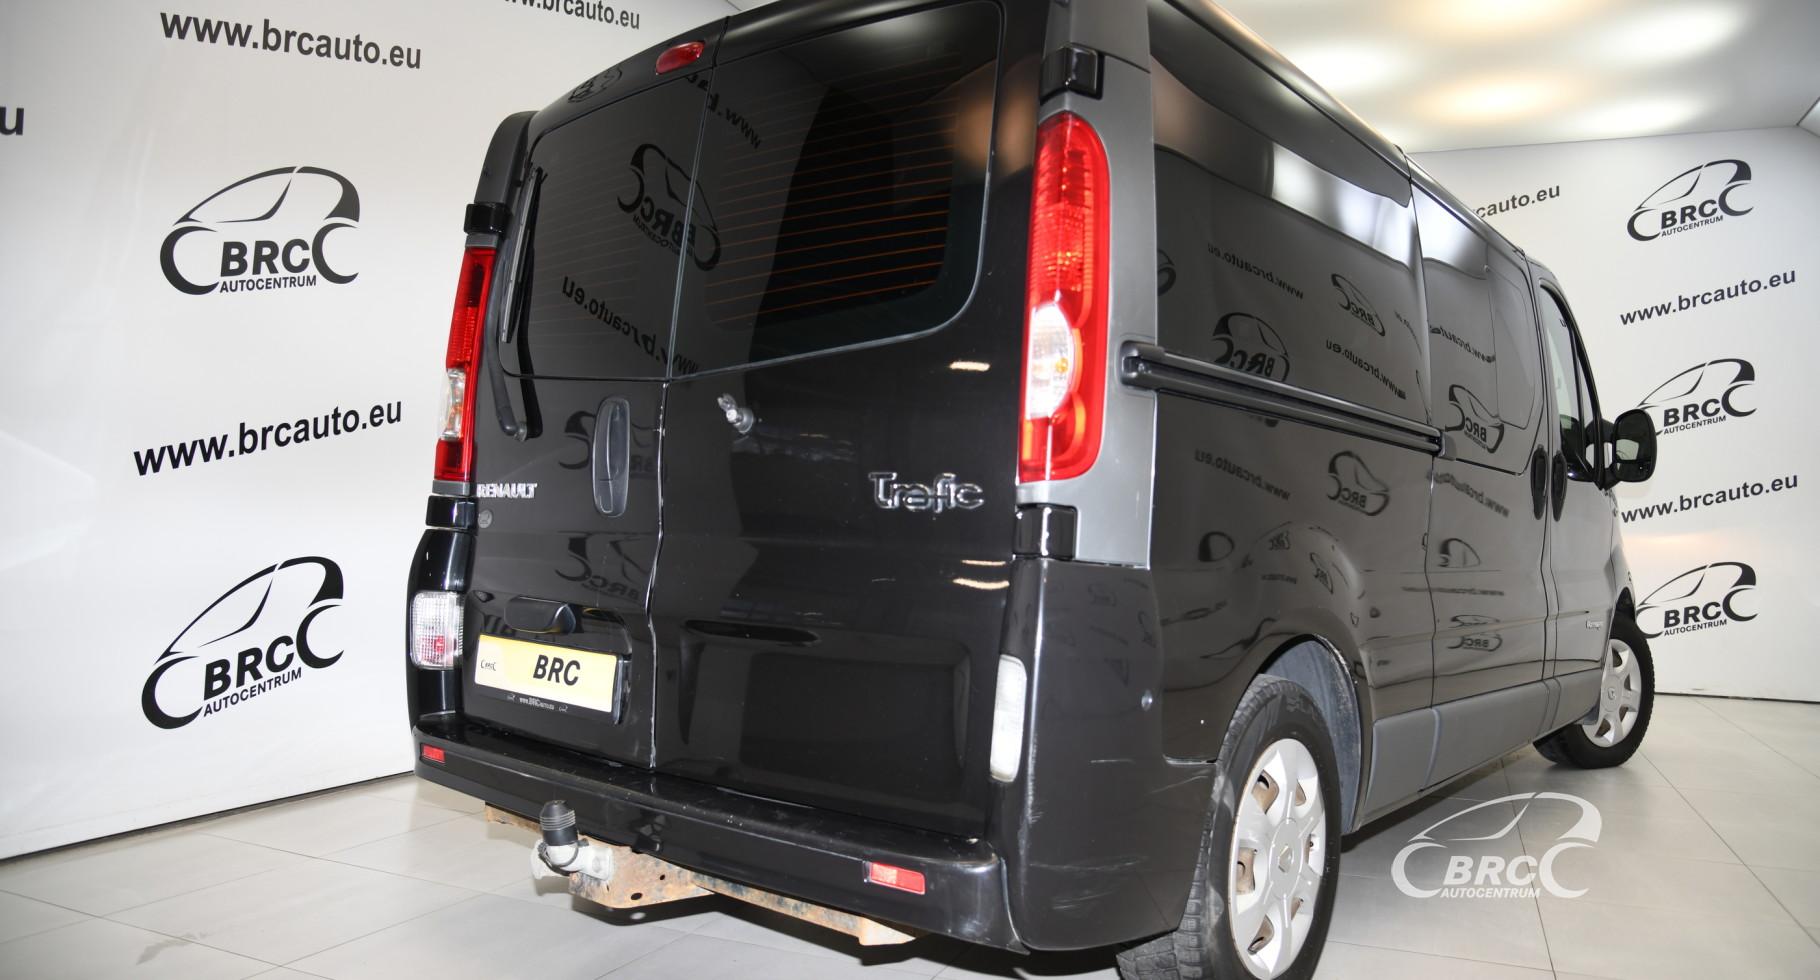 Renault Trafic 2.0 115 dCi Passenger